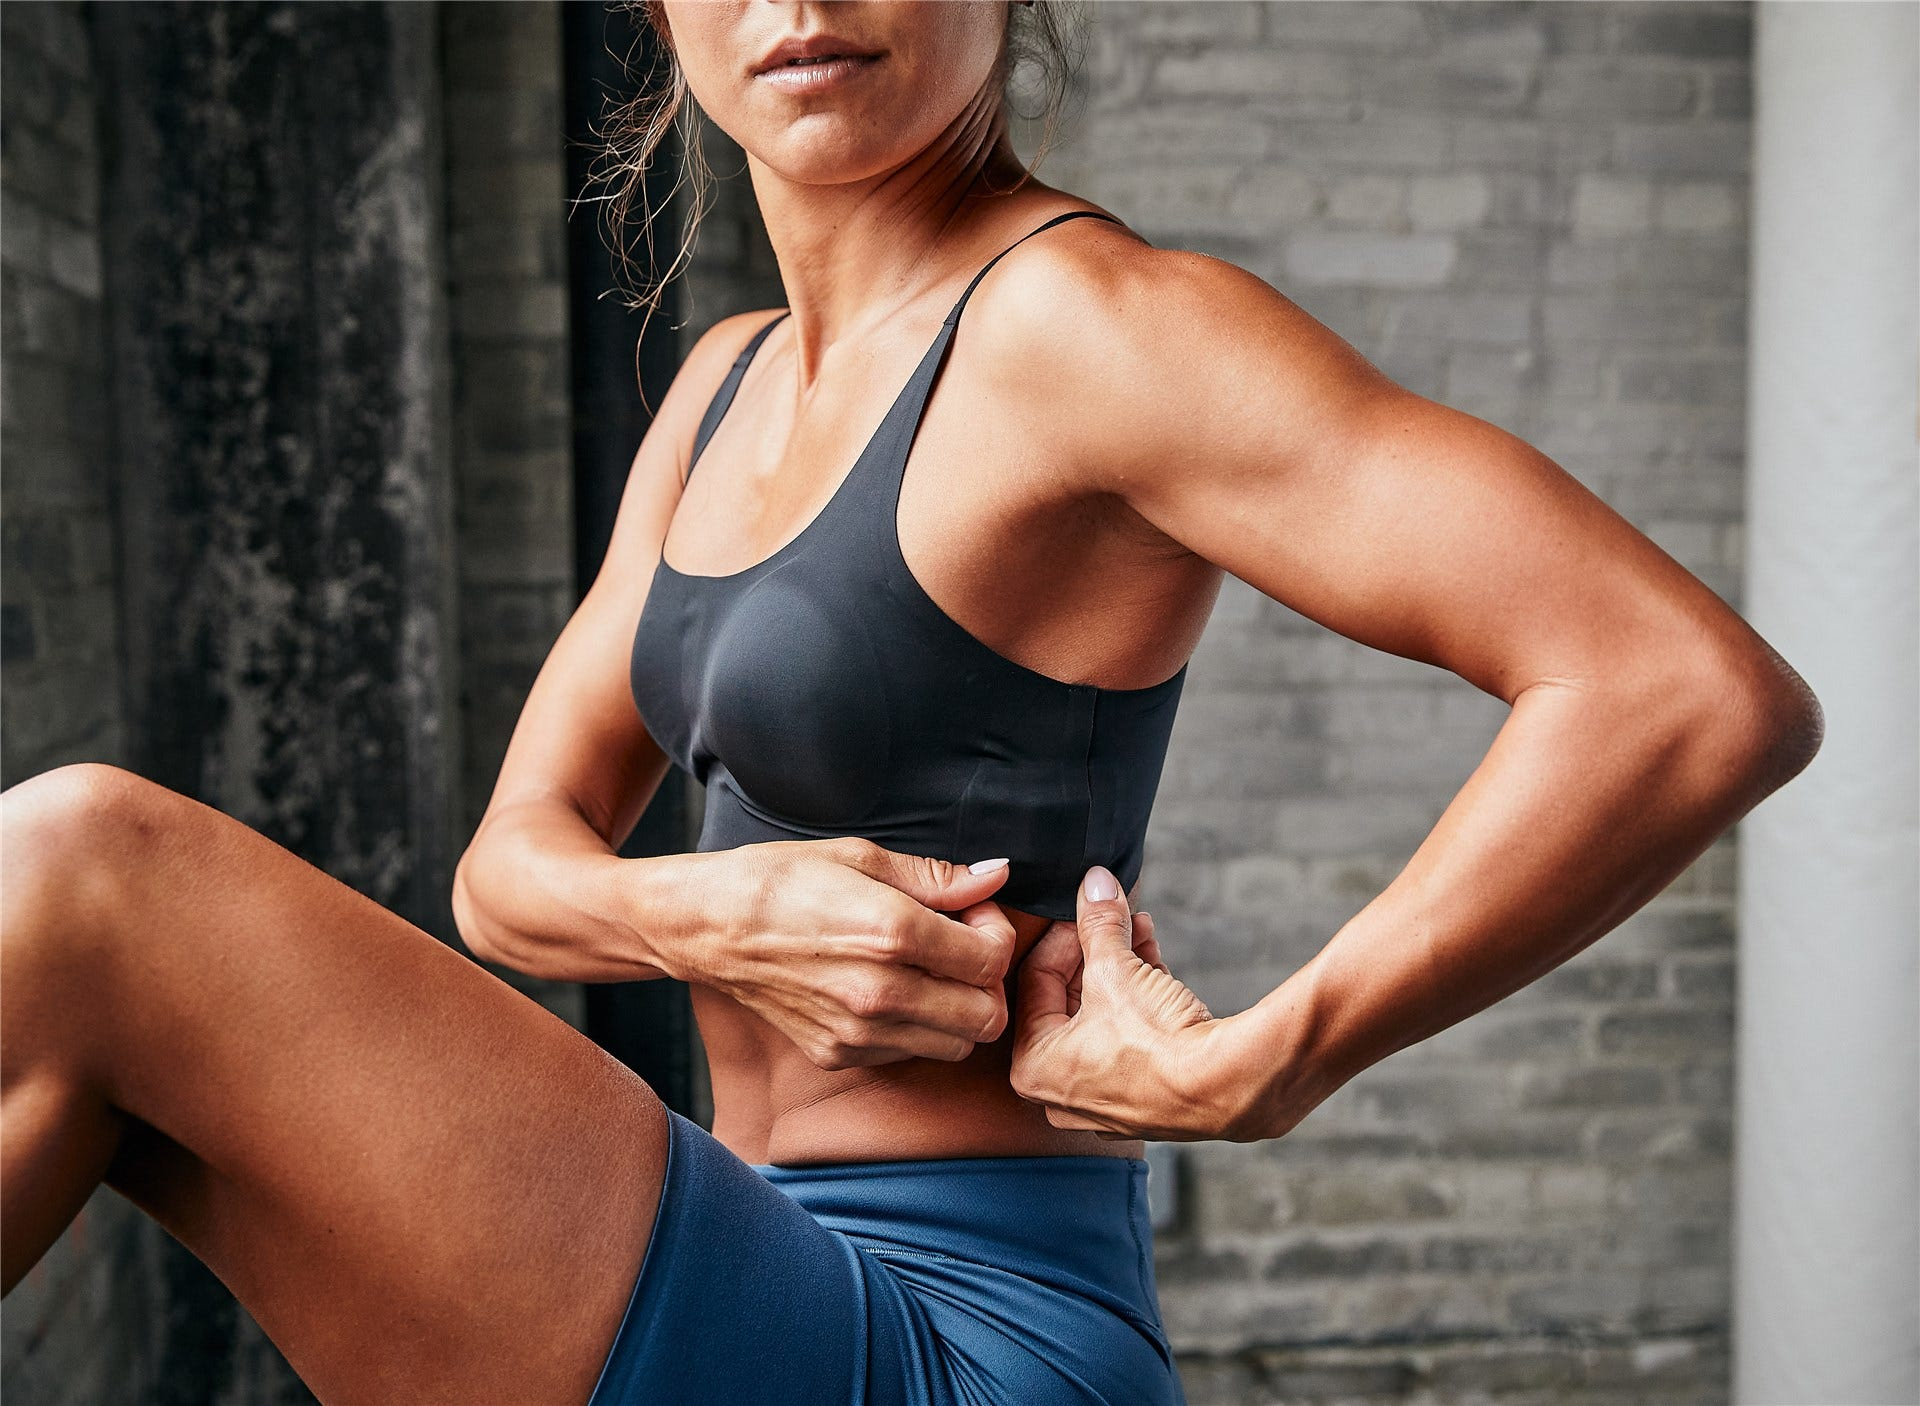 A woman wearing the Whoop Body sportsbra